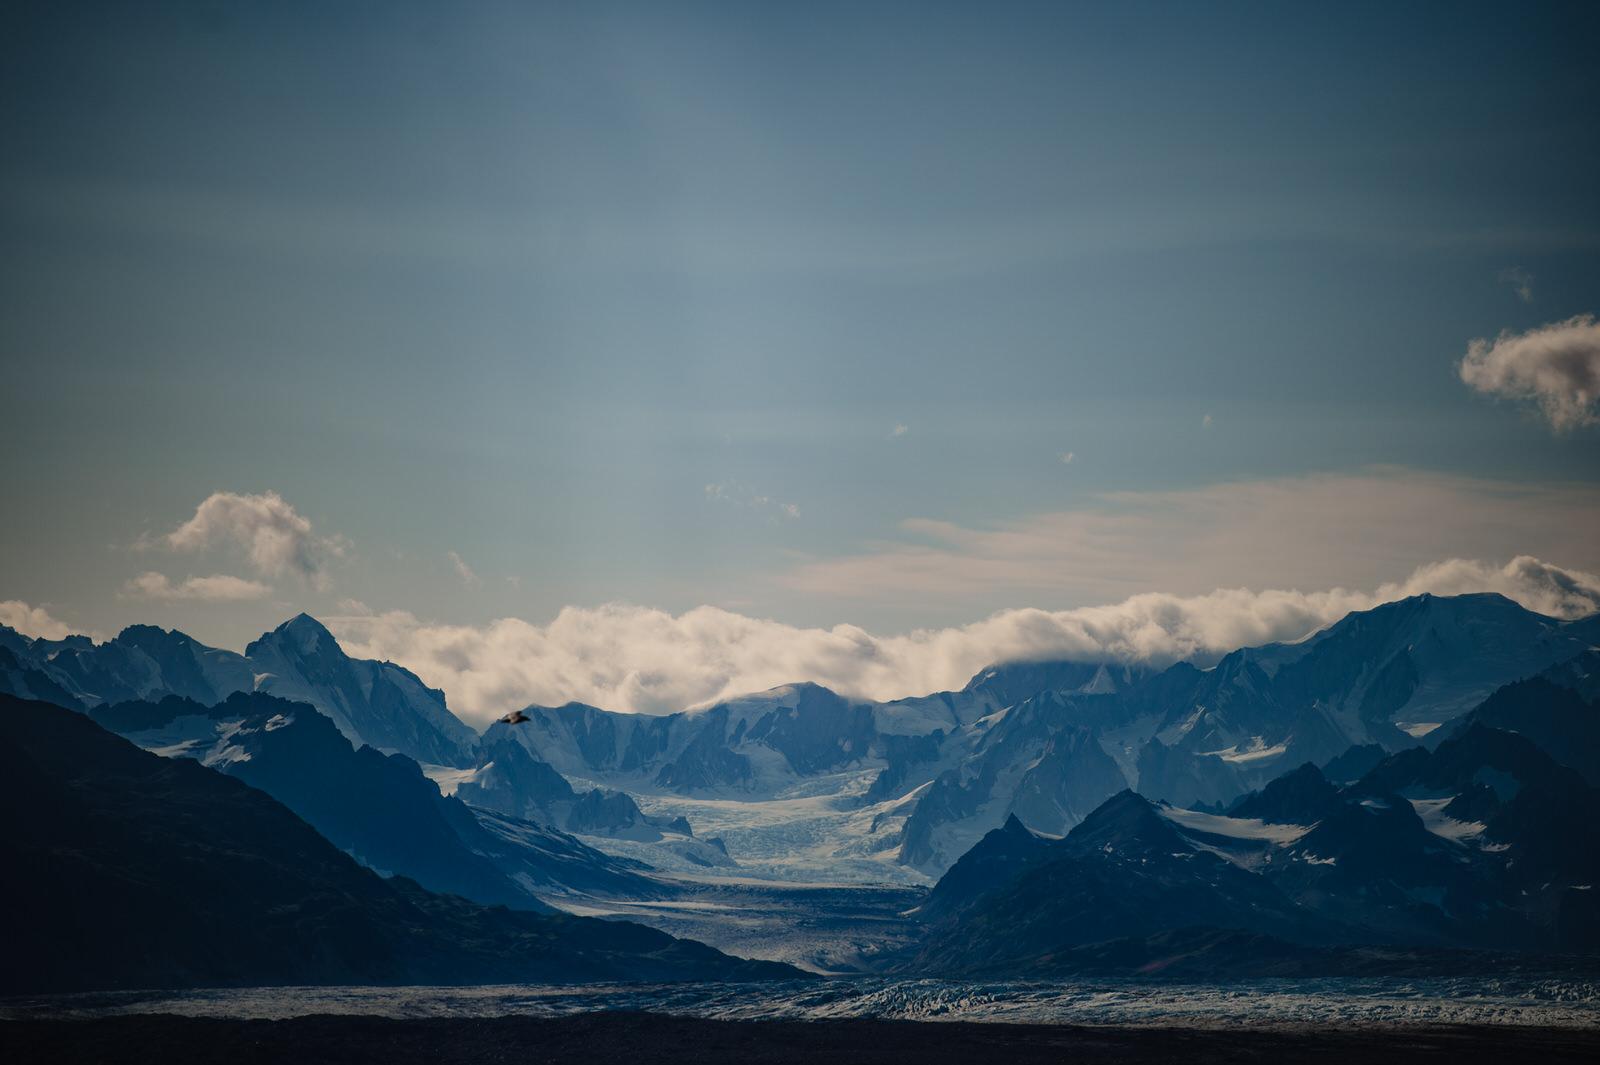 Beluga_lake_alaska_fly_out_fishing_trip (9).jpg